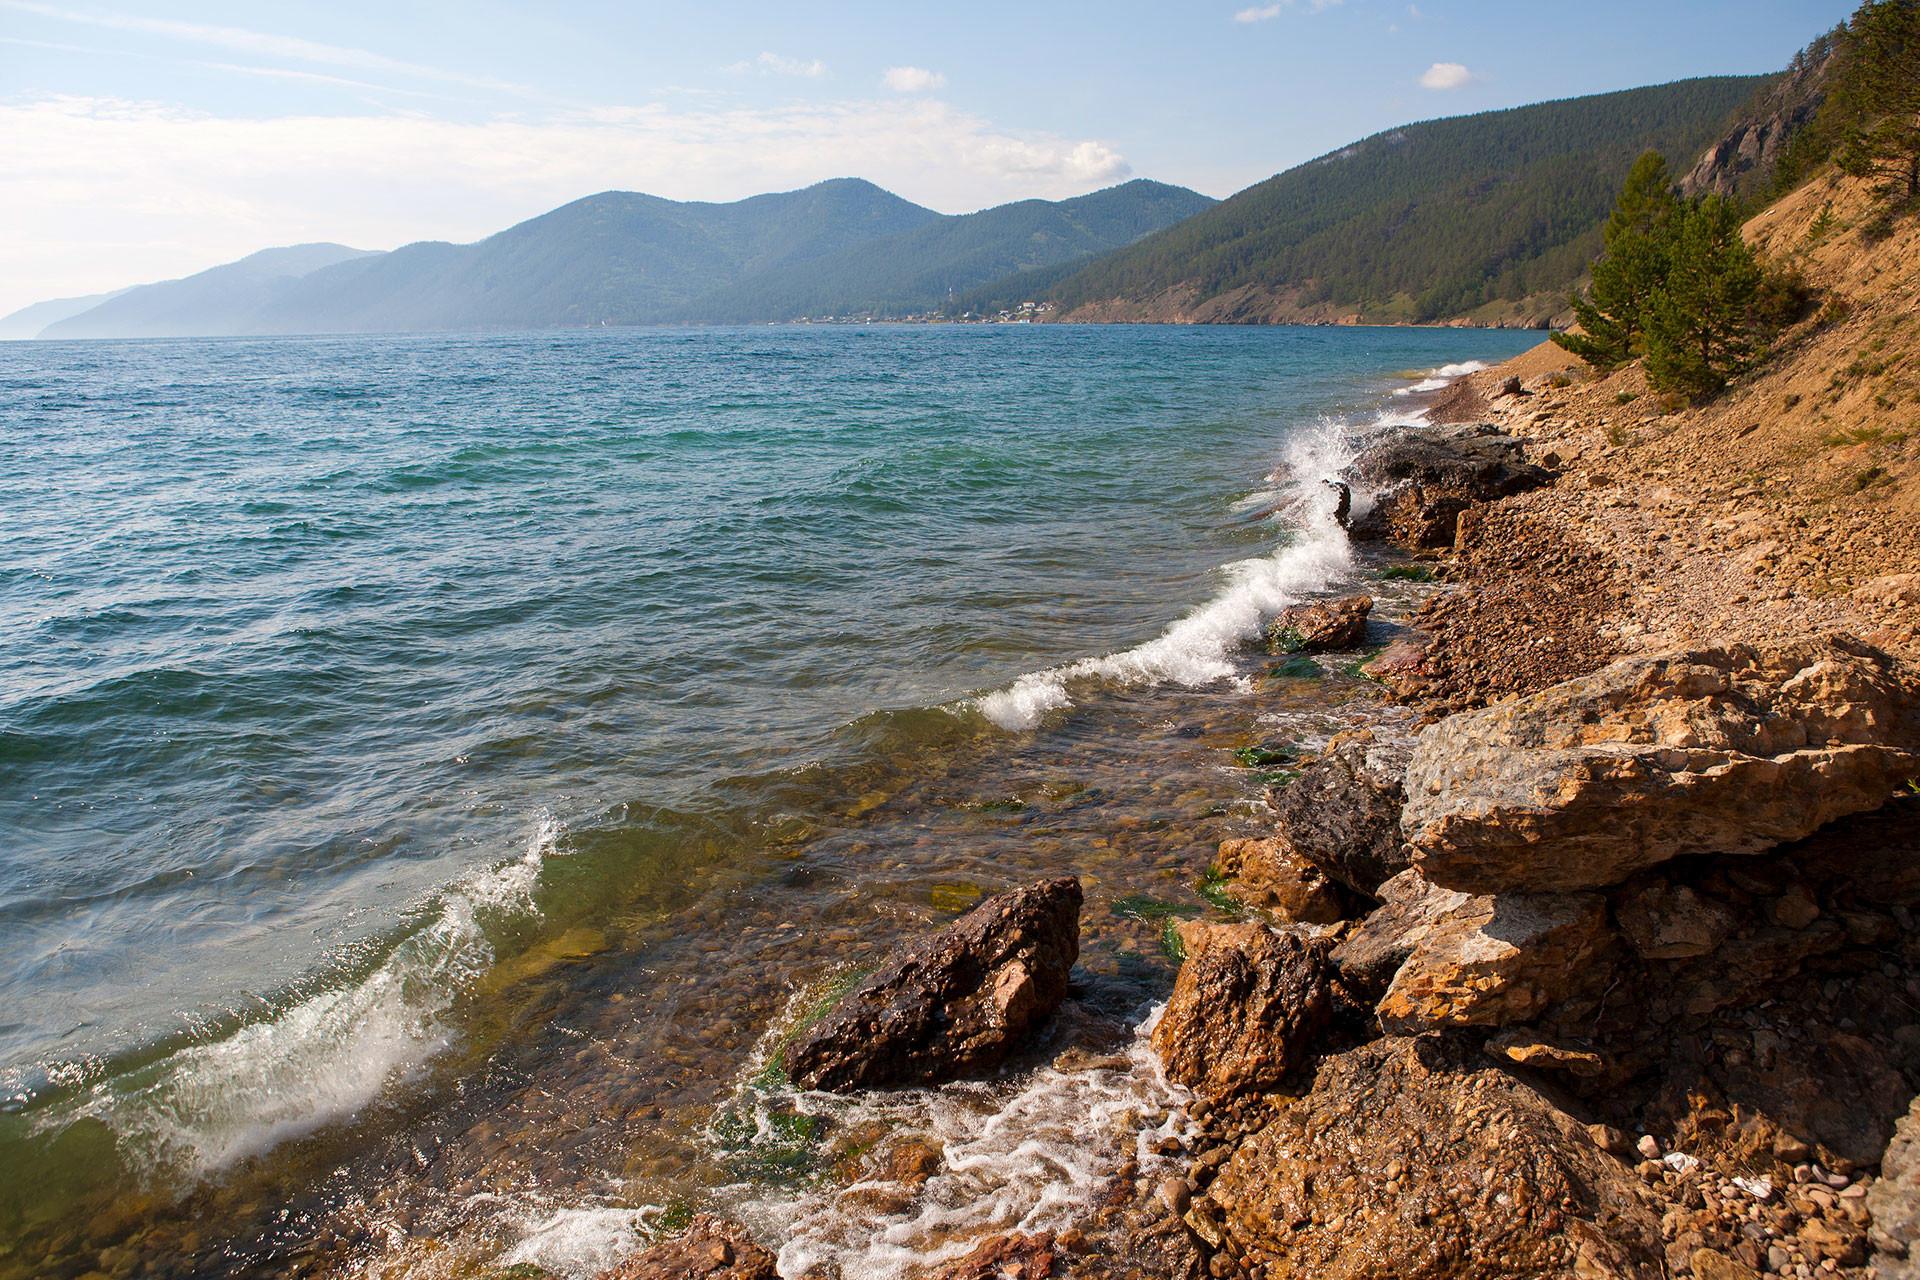 Bajkal je najveće slatkovodno jezero na svijetu i zato ga definitivno treba kad tad posjetiti.